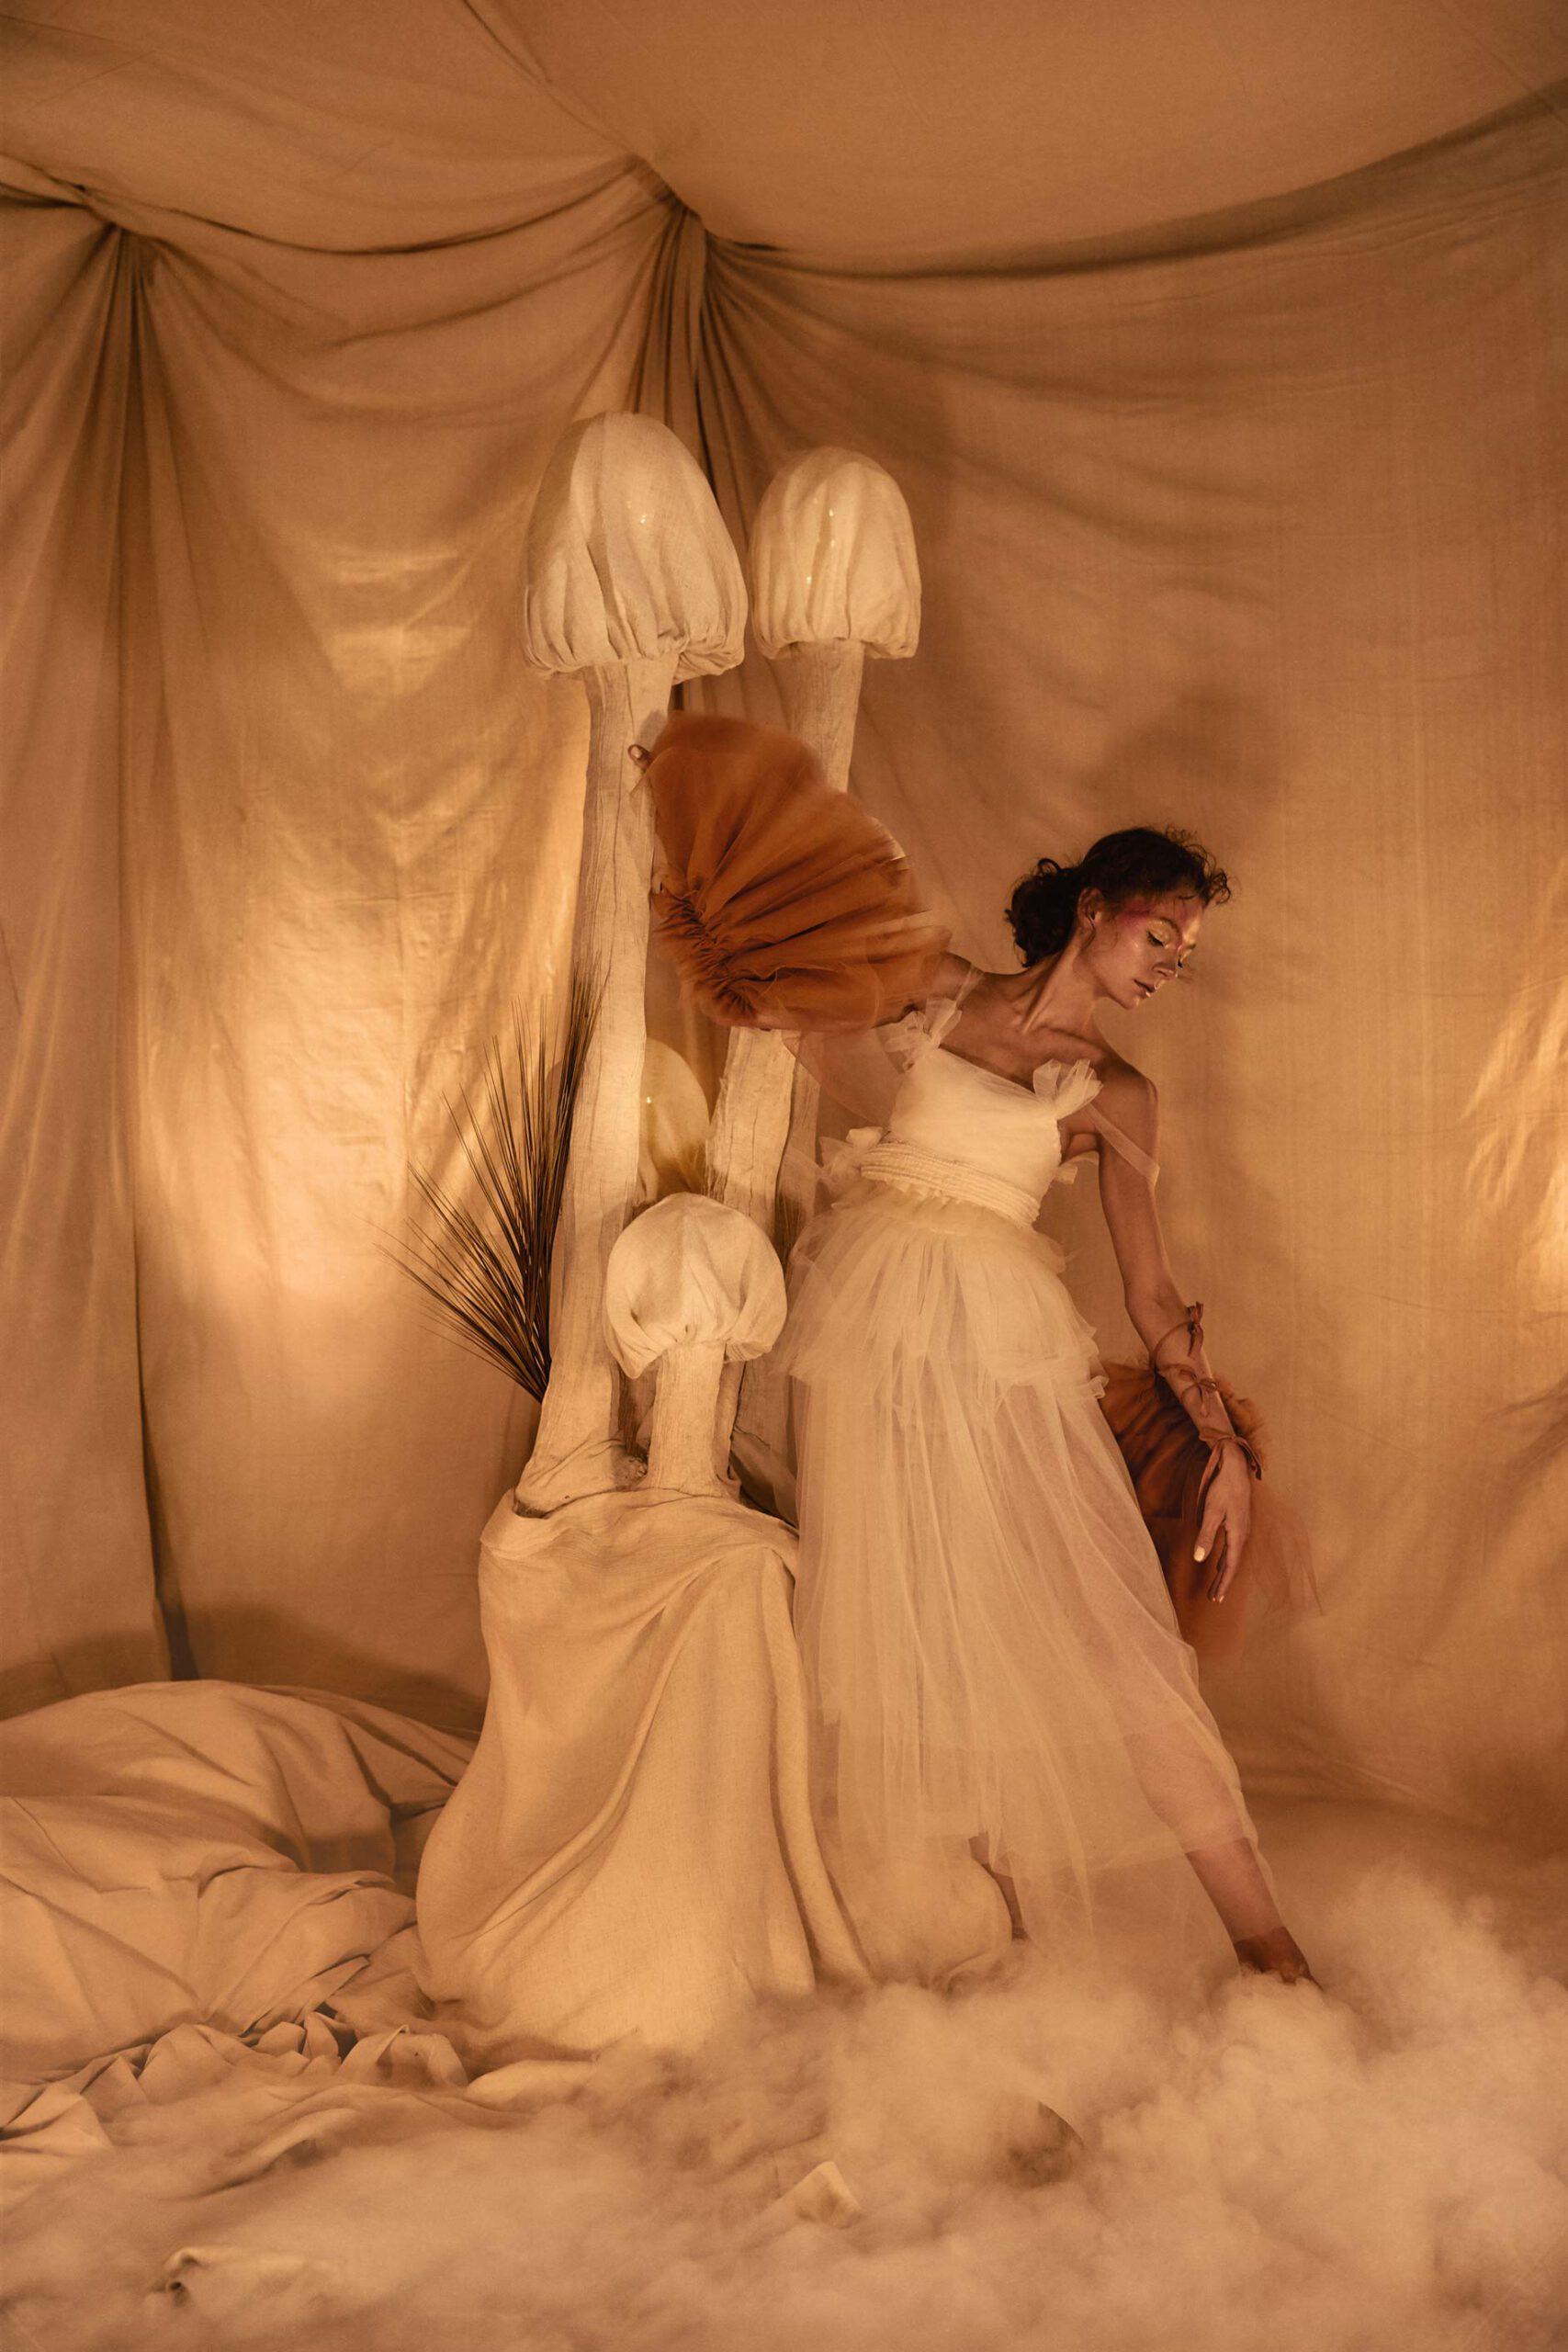 Photoshoot artistique en studio avec machine a fumé et glace sèche. Fabrication de décros de scène pour séance photo.